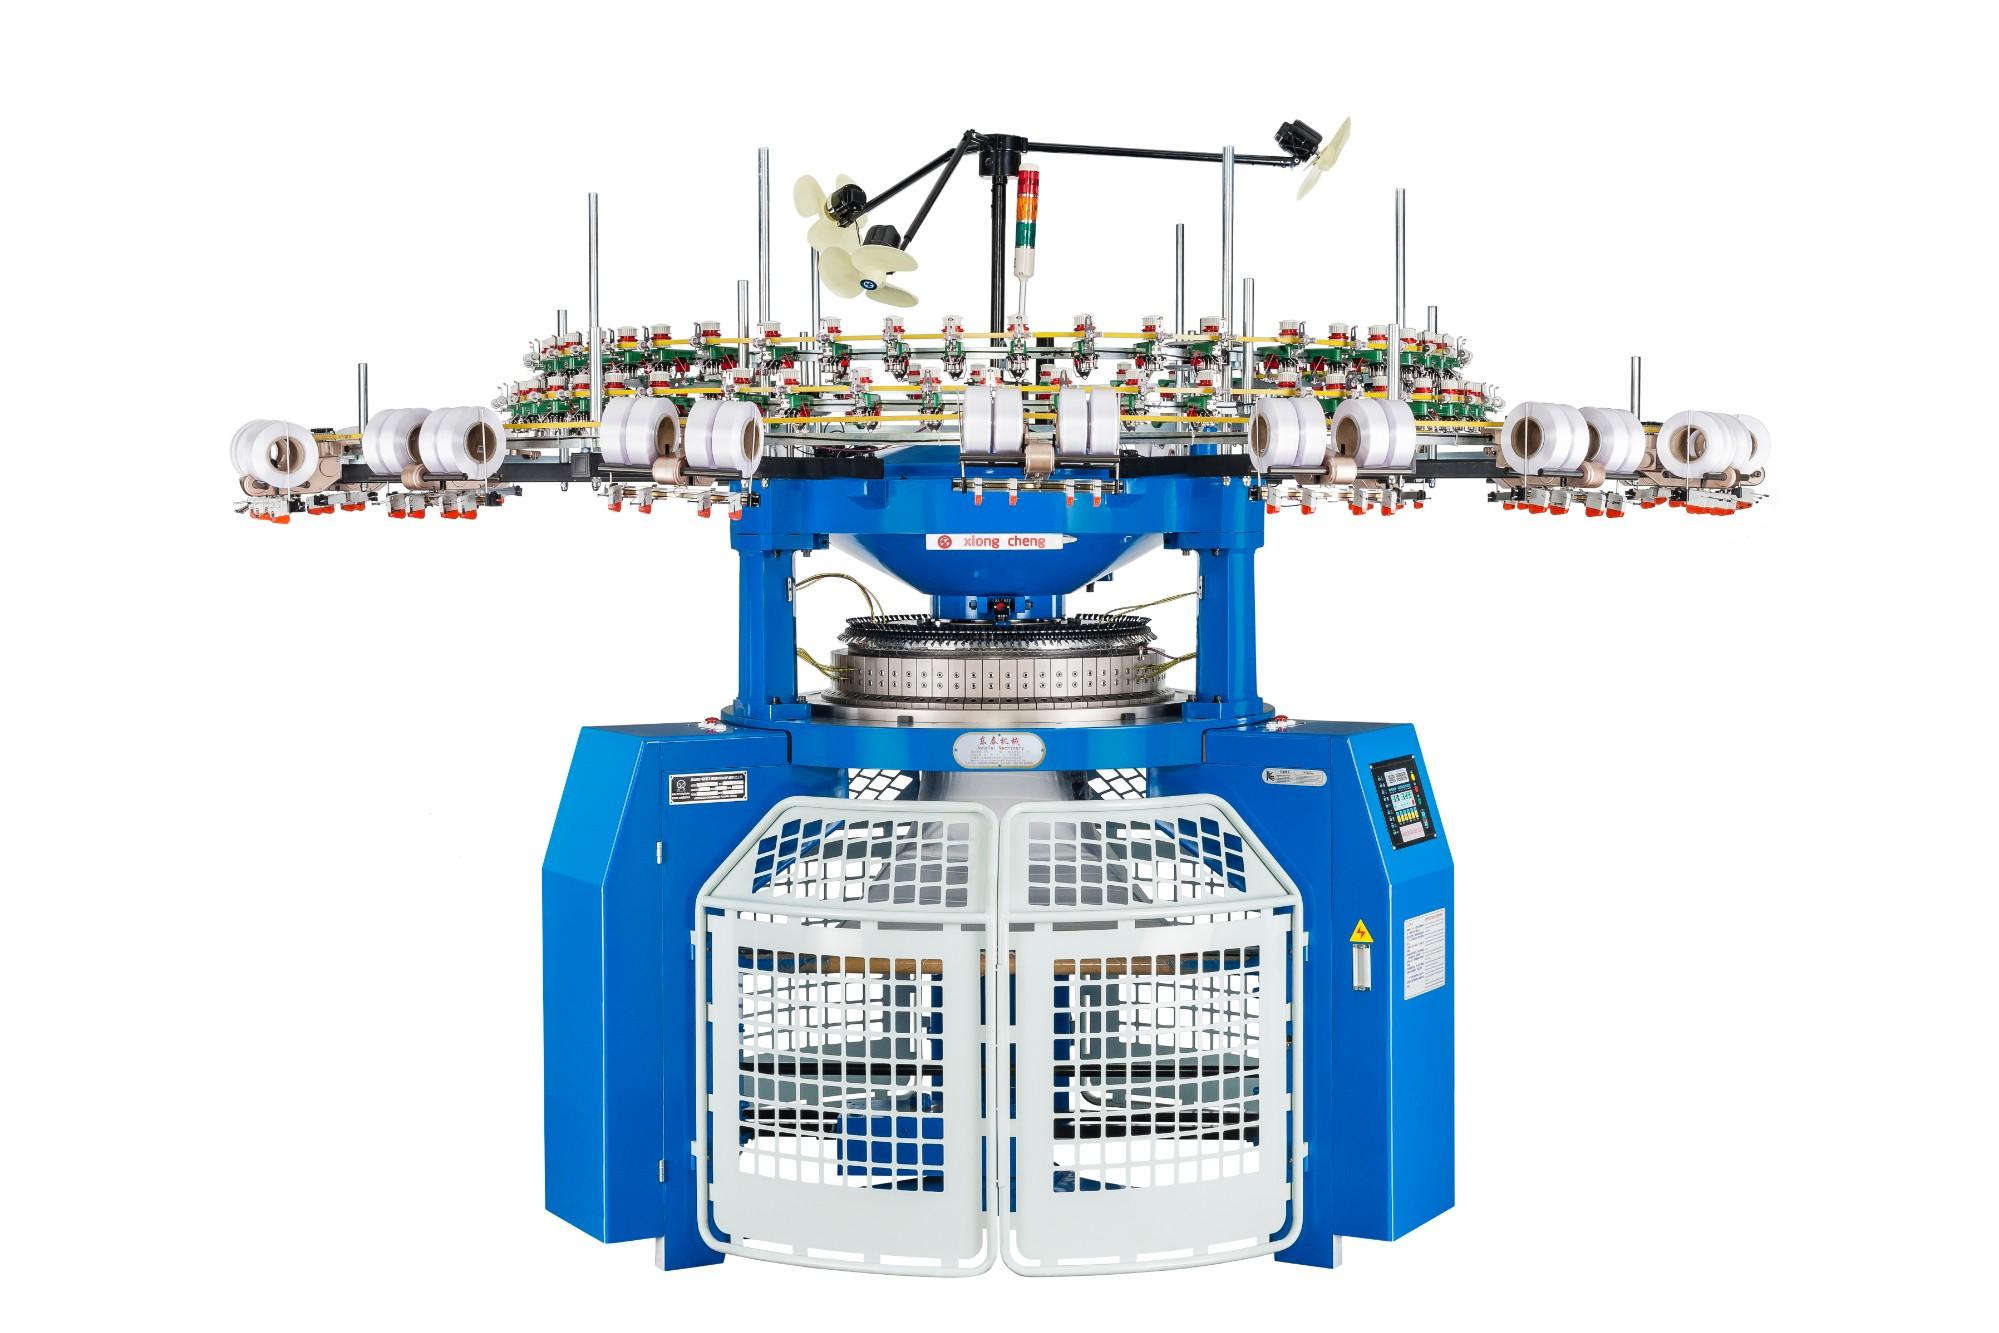 Circular Pile Knitting Machine Manufacturers, Circular Pile Knitting Machine Factory, Supply Circular Pile Knitting Machine